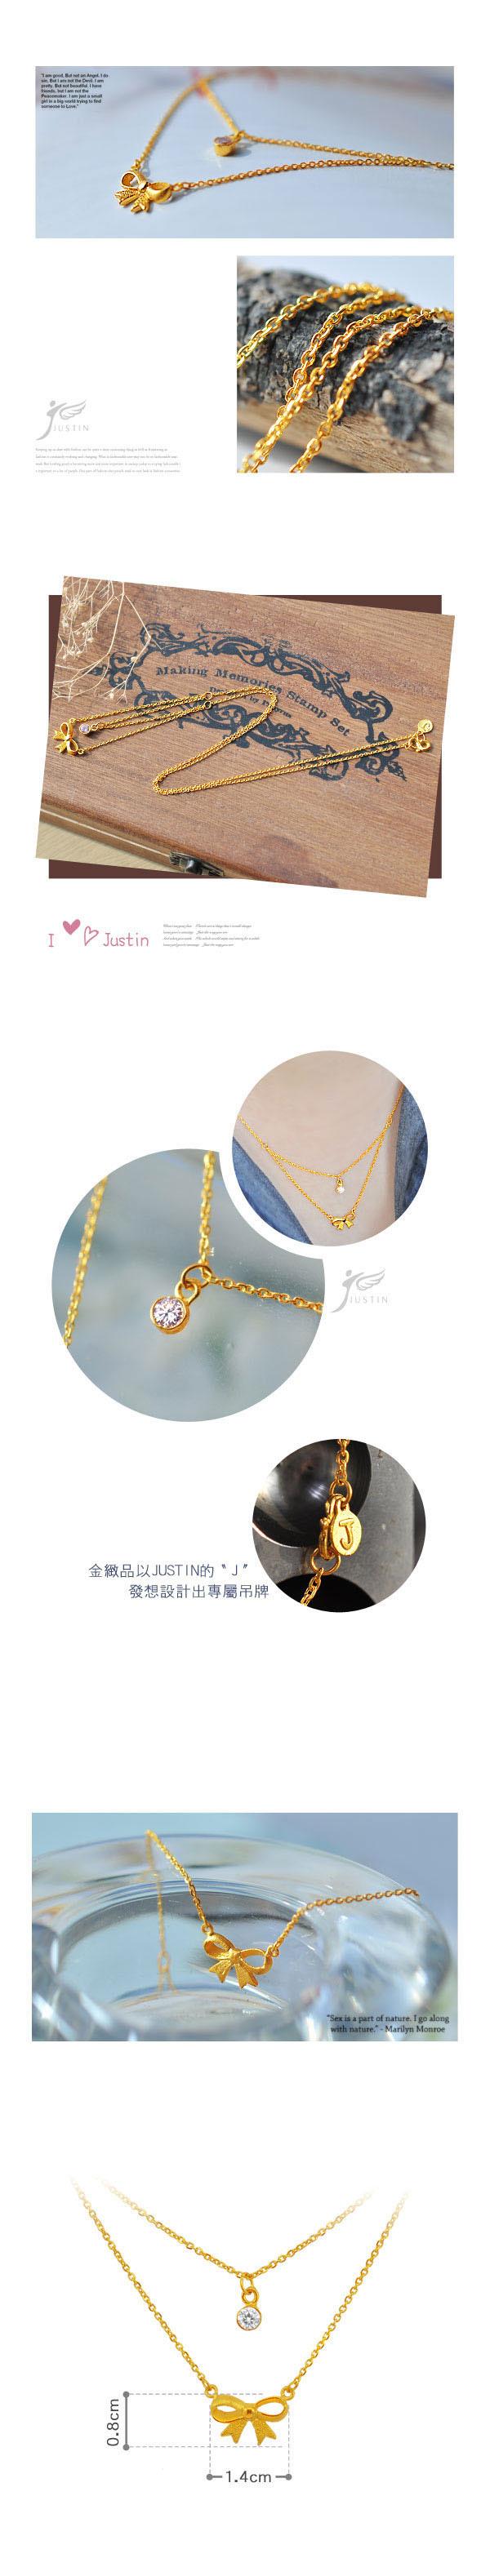 金緻品,金製品,黃金價格,金飾,金飾價格,黃金飾品,金飾店,純金,金飾品牌,黃金投資,鑽石,鑽戒,結婚金飾,情人節禮物